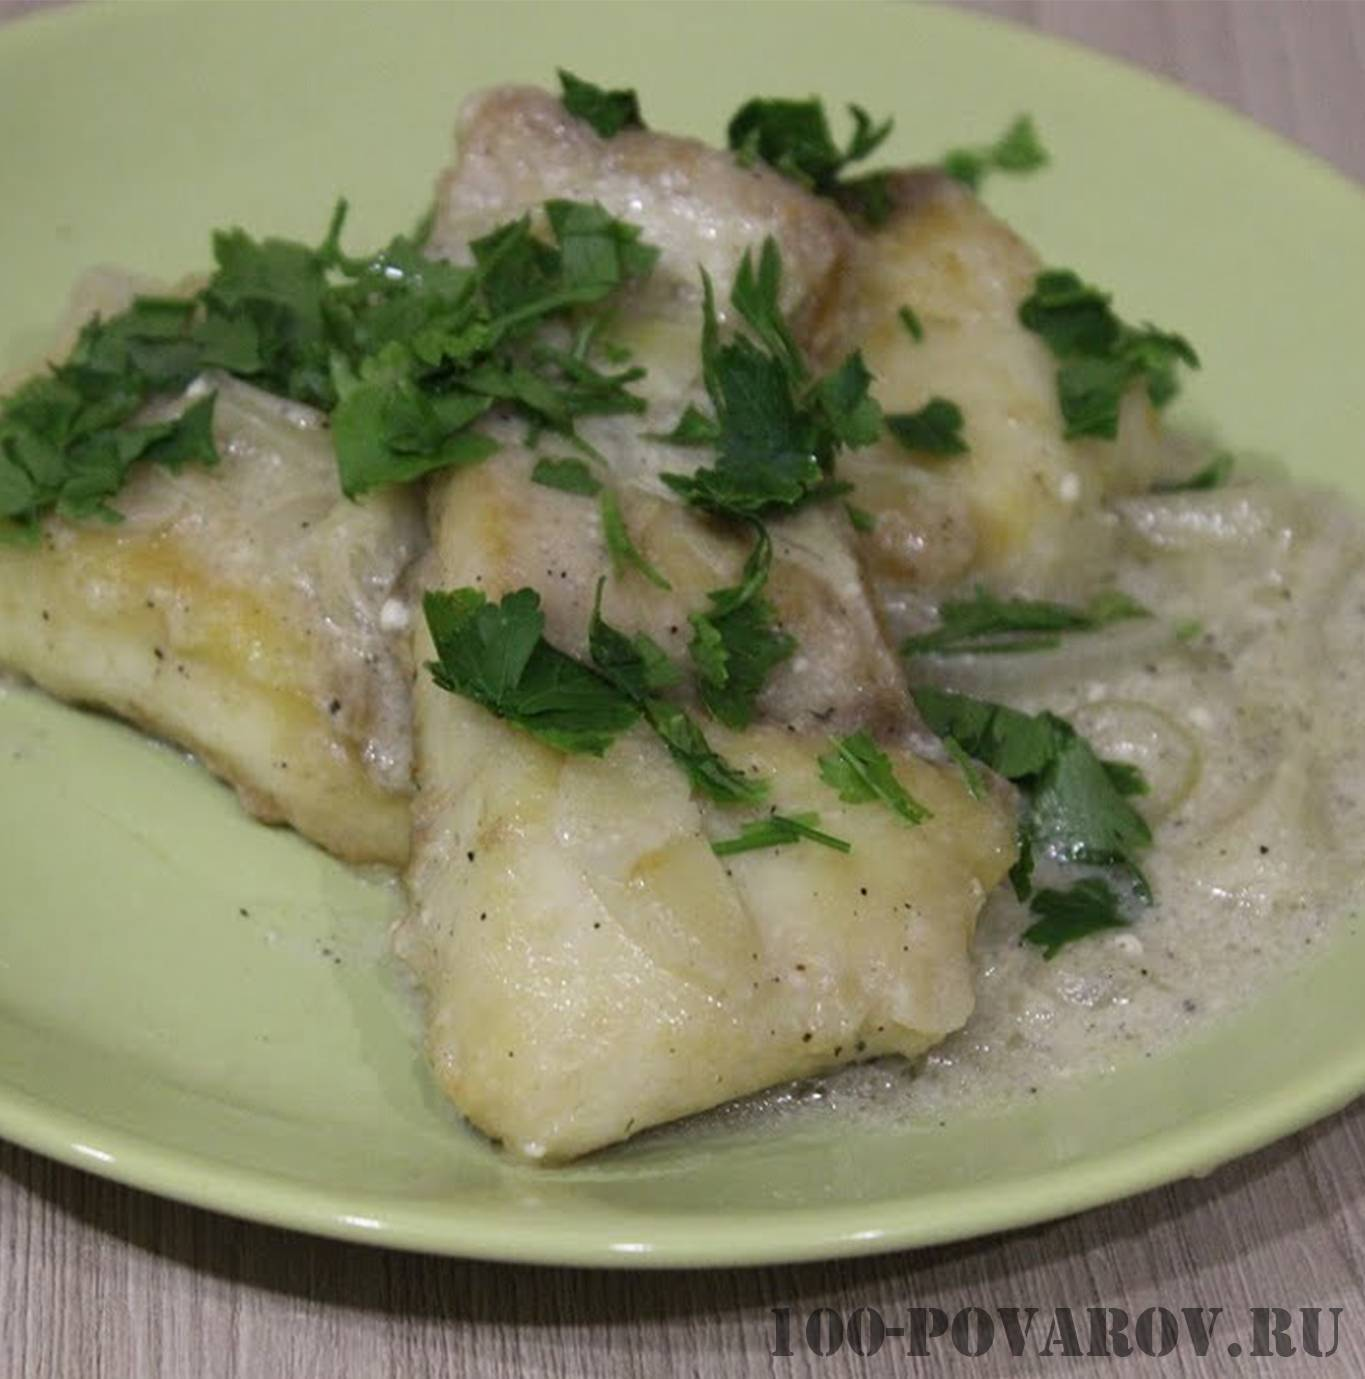 Тушеная щука в сметане на сковороде – рецепт